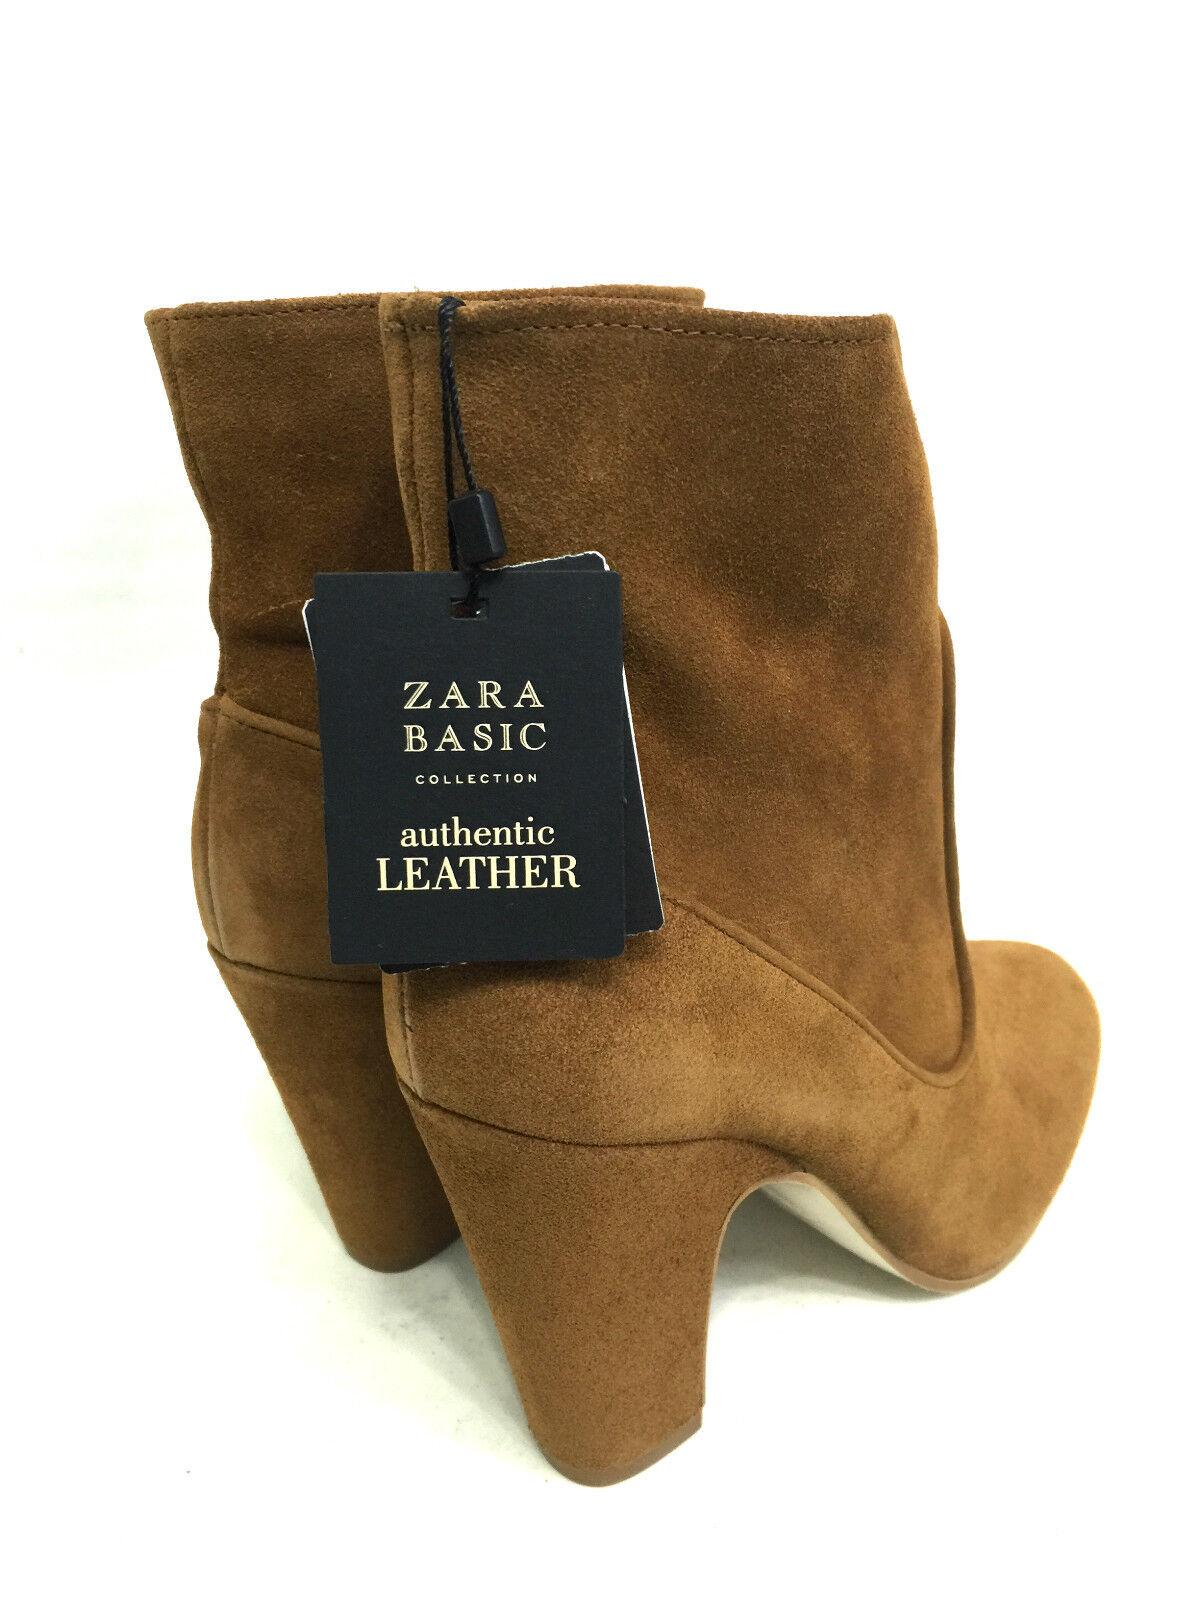 Zara braun Leder Leder braun Stiefeletten Größe 37_38_39_40 a41267